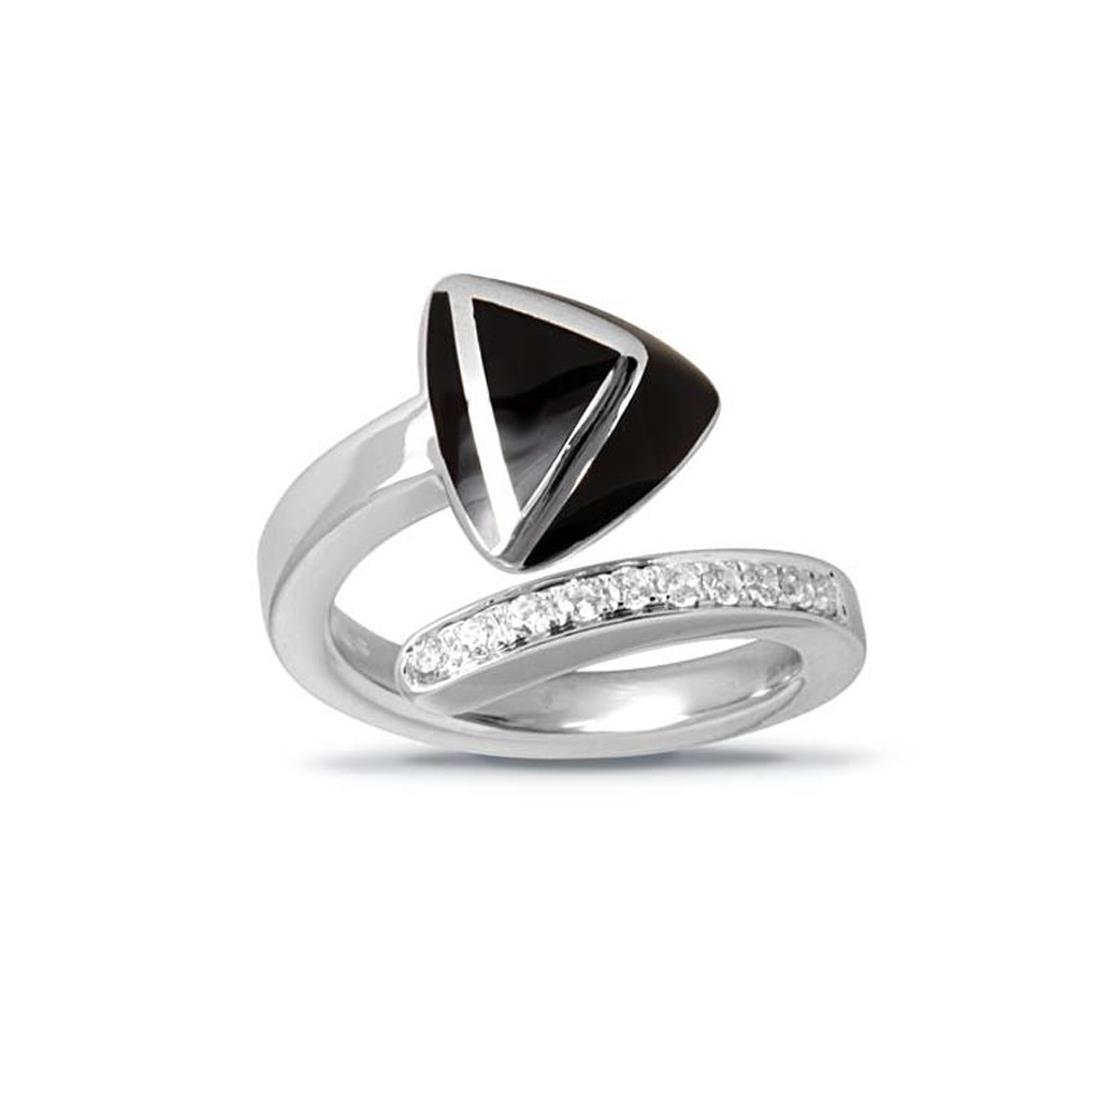 Anello in argento rodiato con smalto nero e zirconi - ALFIERI & ST. JOHN 925